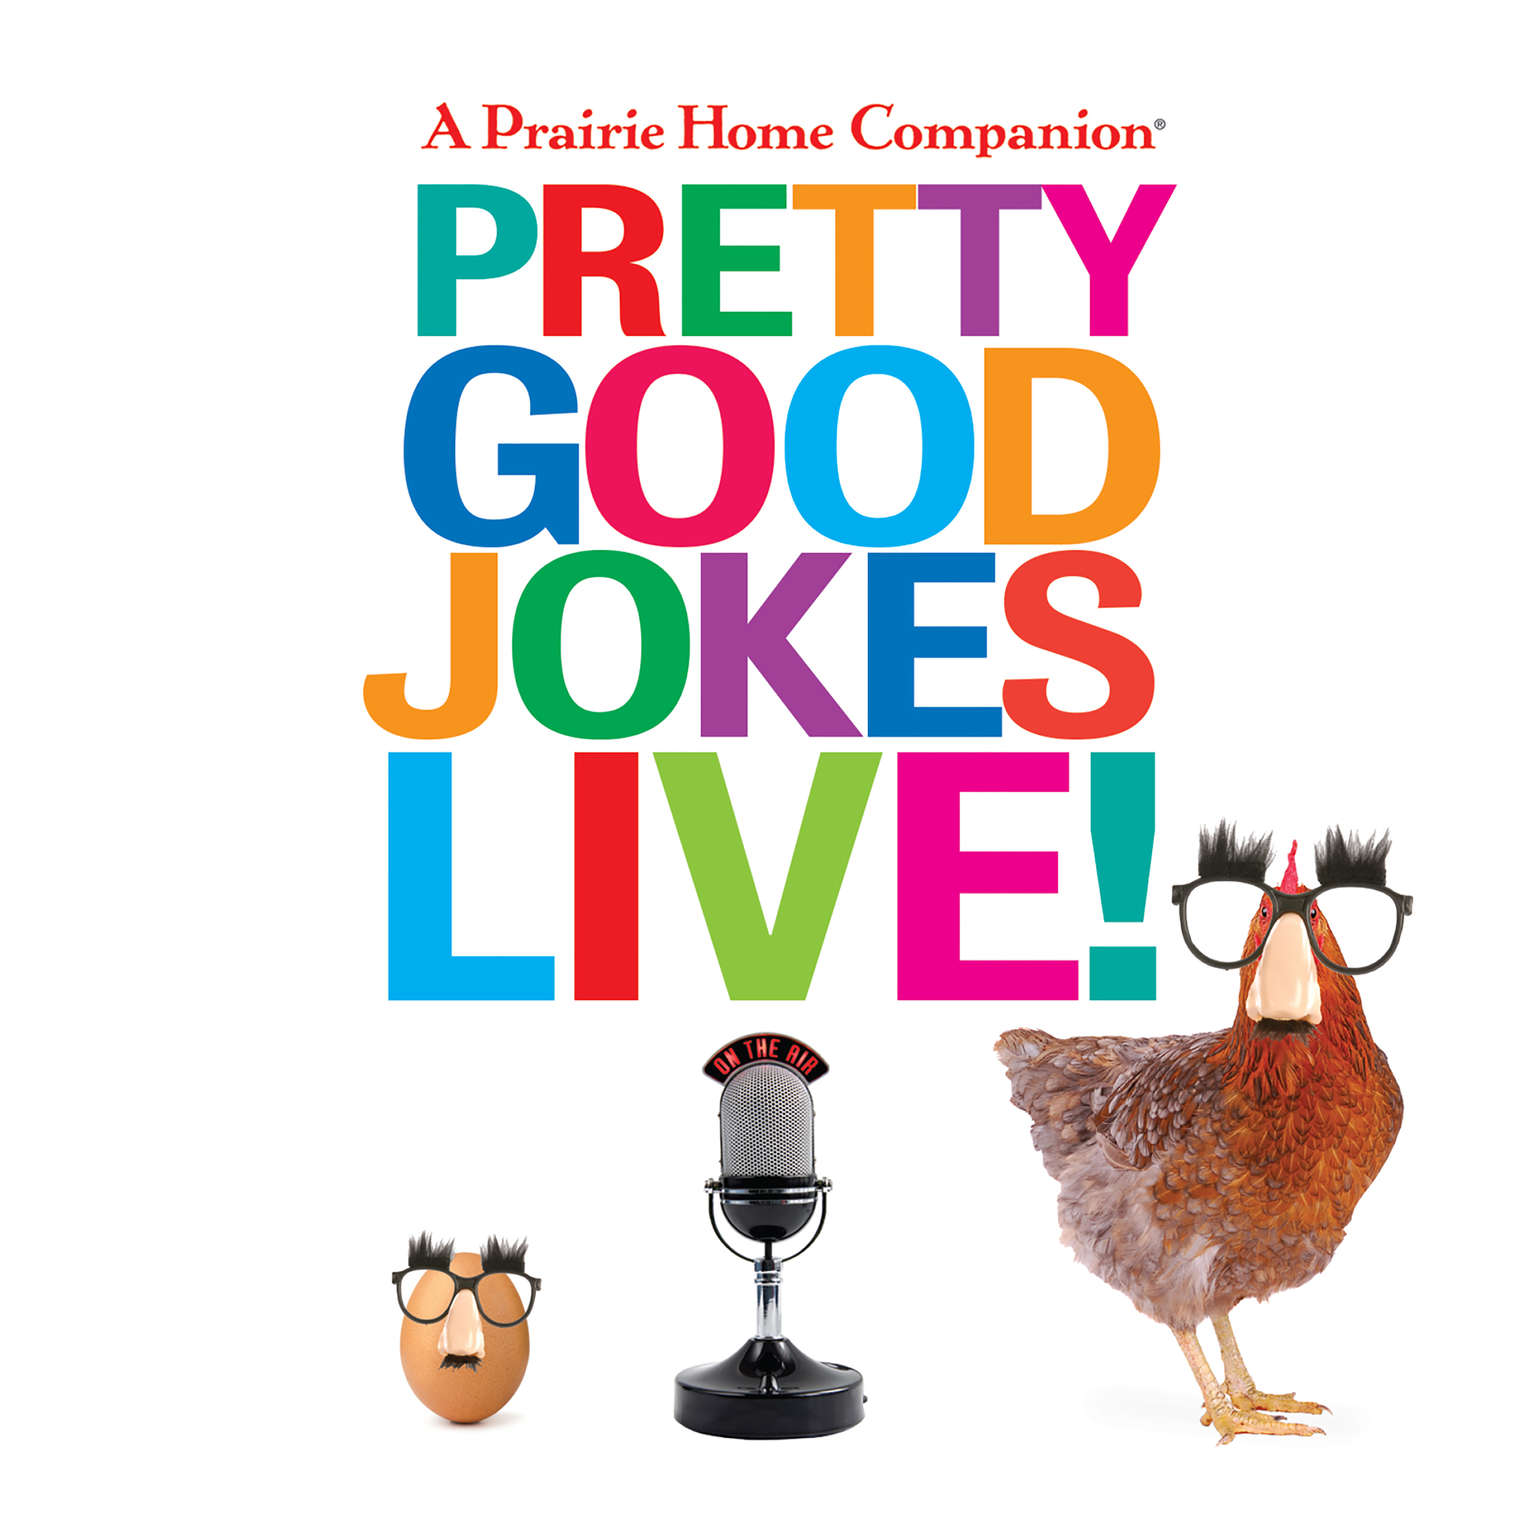 A Prairie Home Companion Pretty Good Jokes Live! Audiobook, by Garrison Keillor